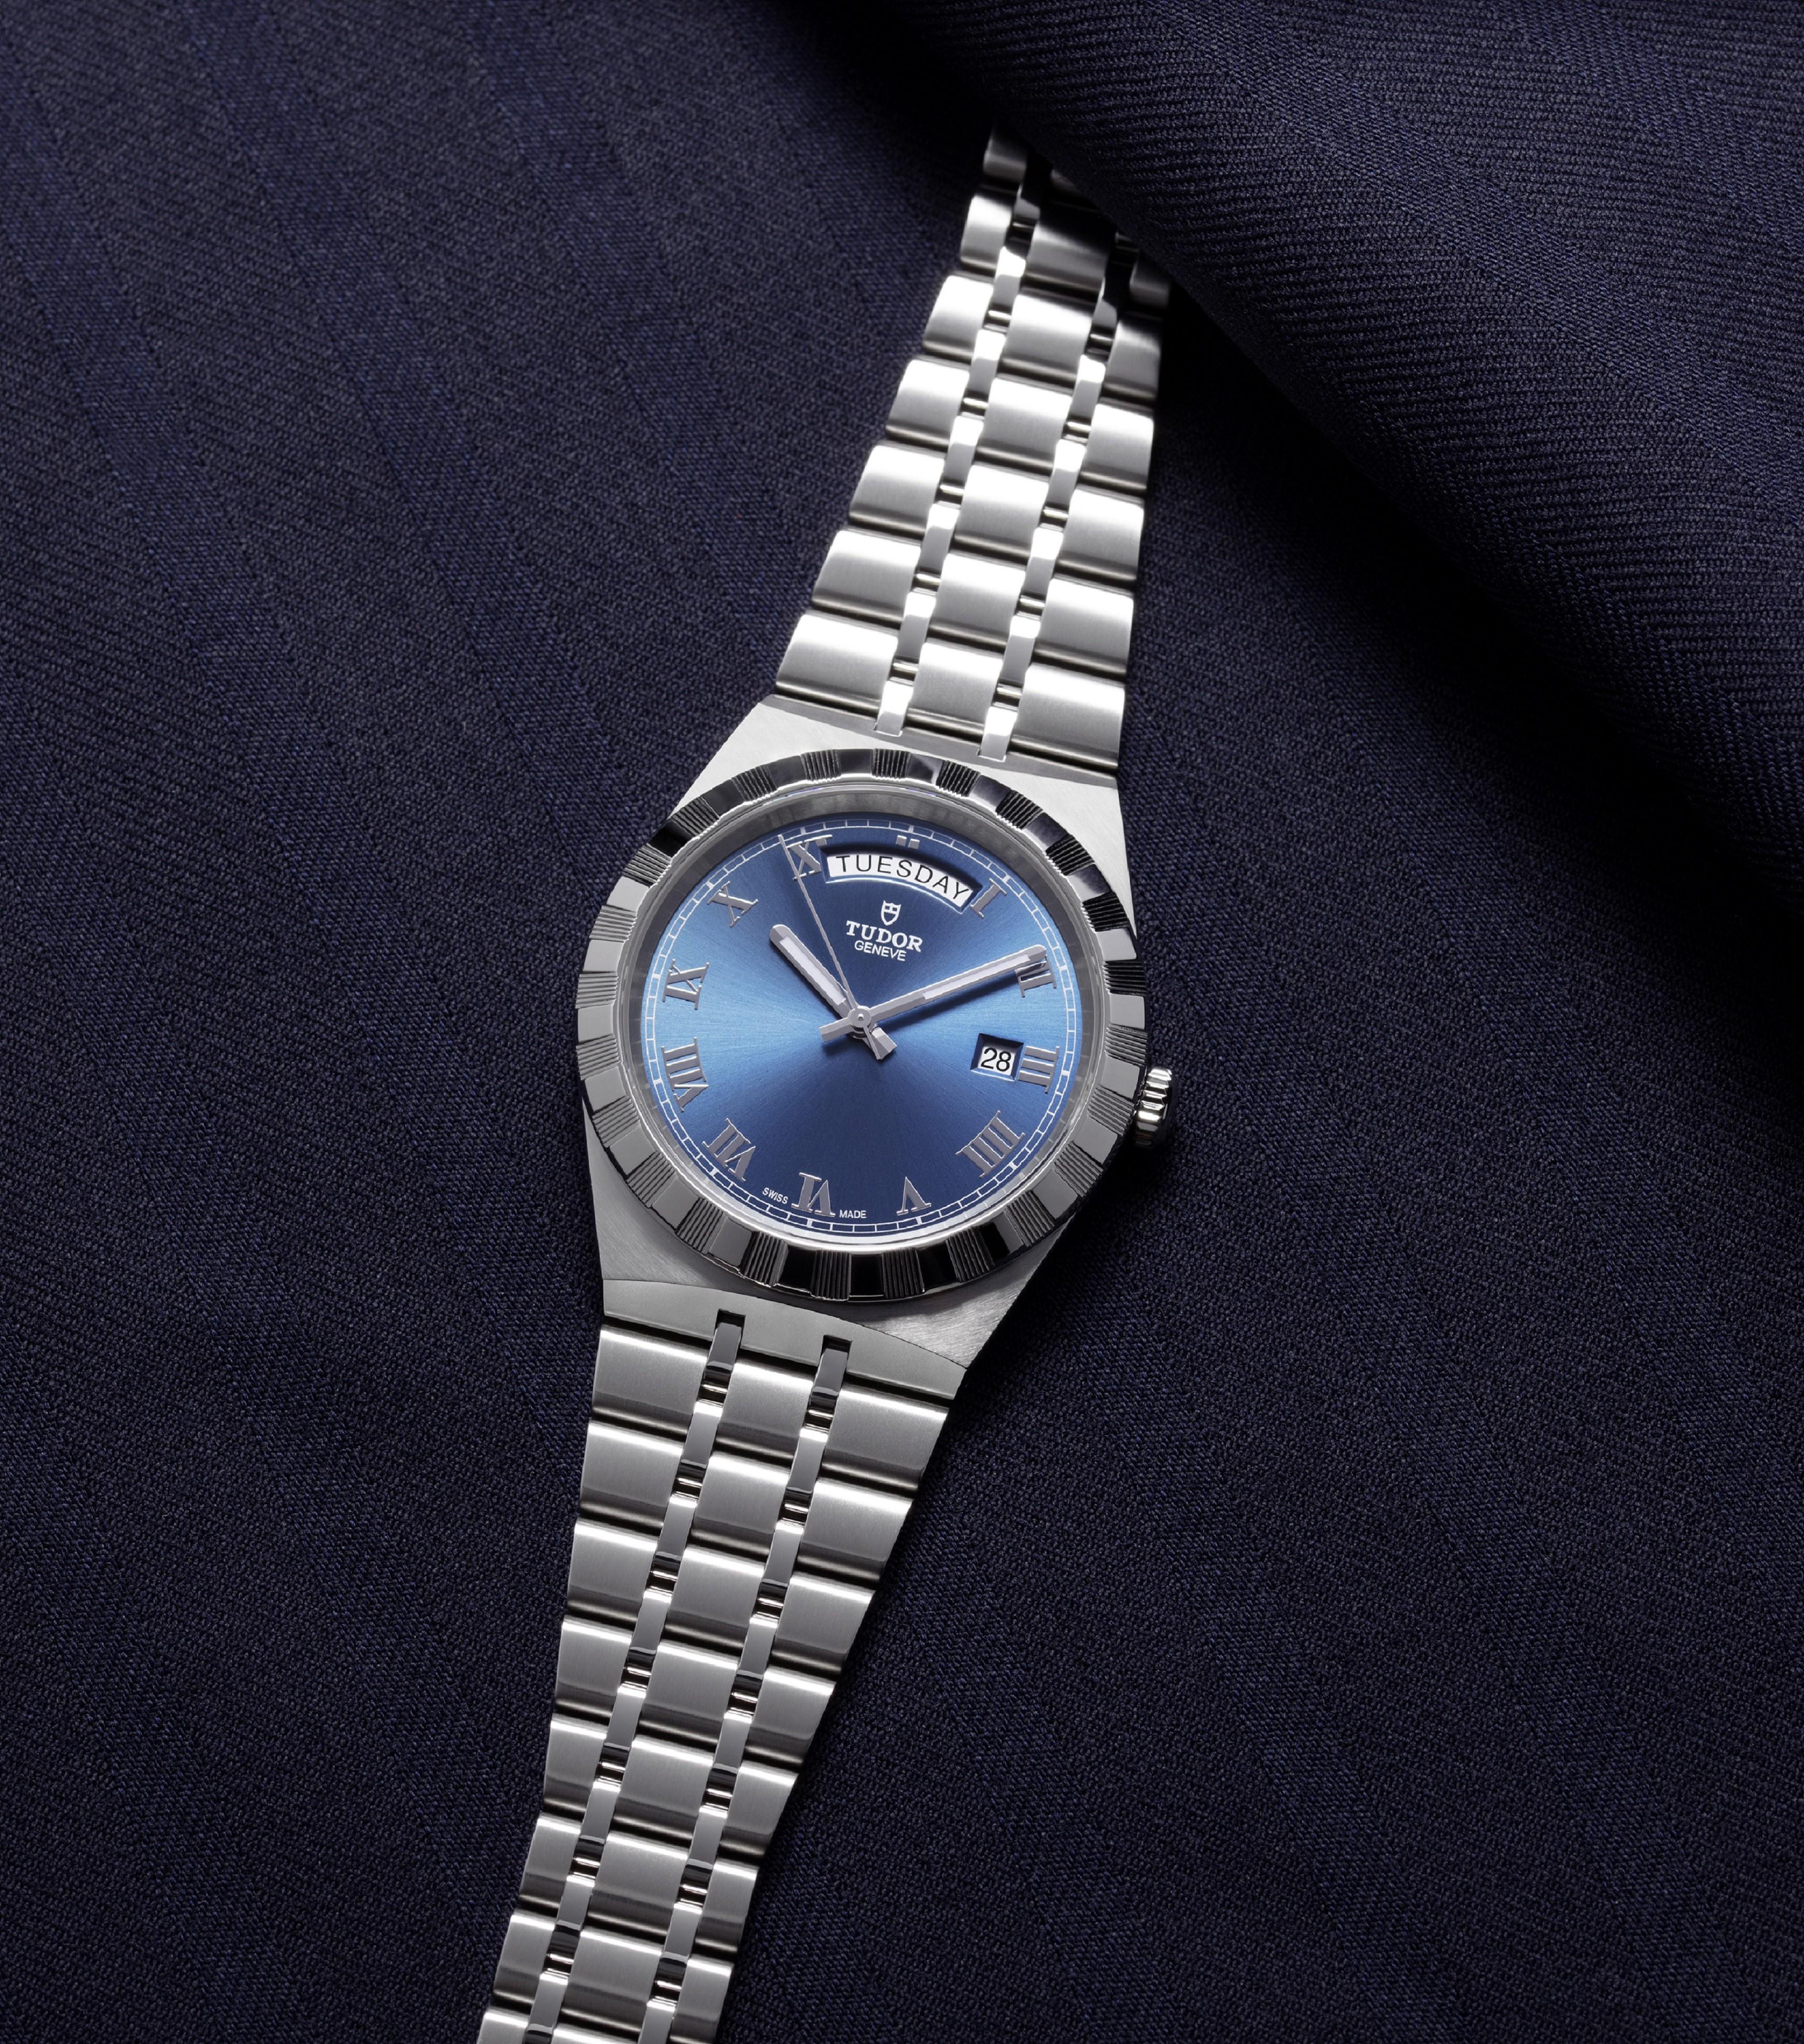 帝舵表全新TUDOR Royal腕表动静皆宜卓越品质、相宜价格,打动时尚男女